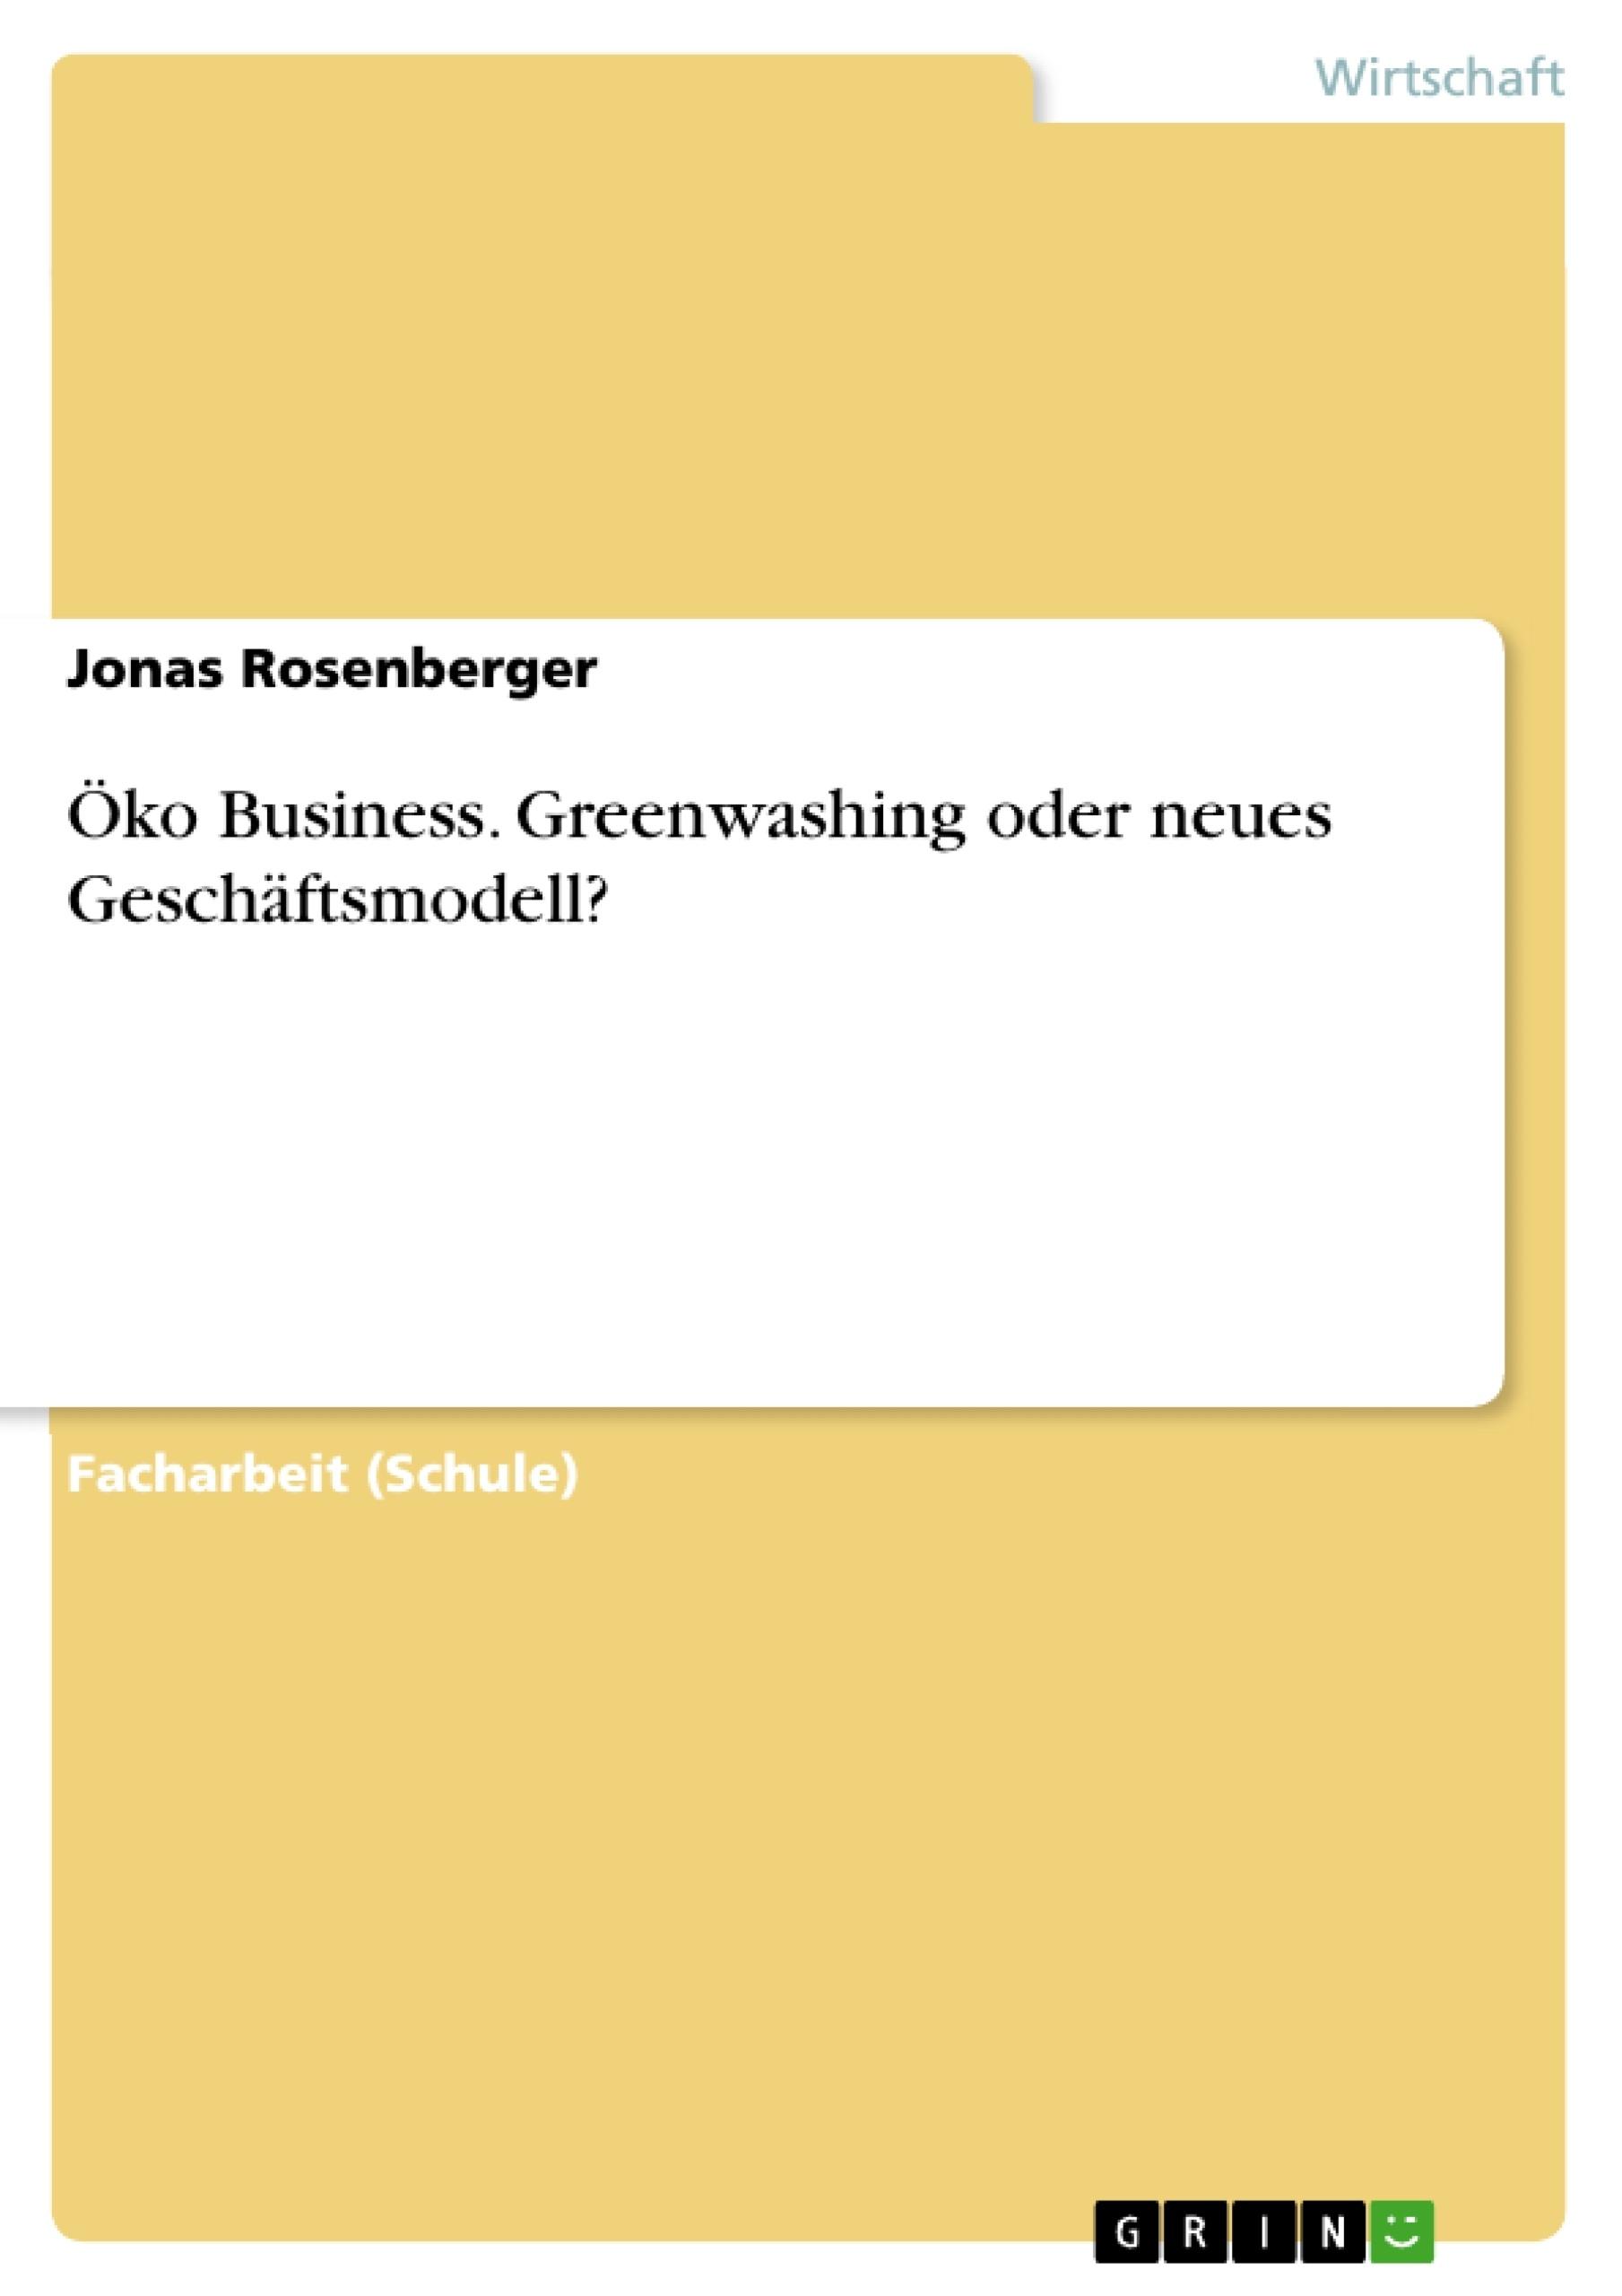 Titel: Öko Business. Greenwashing oder neues Geschäftsmodell?